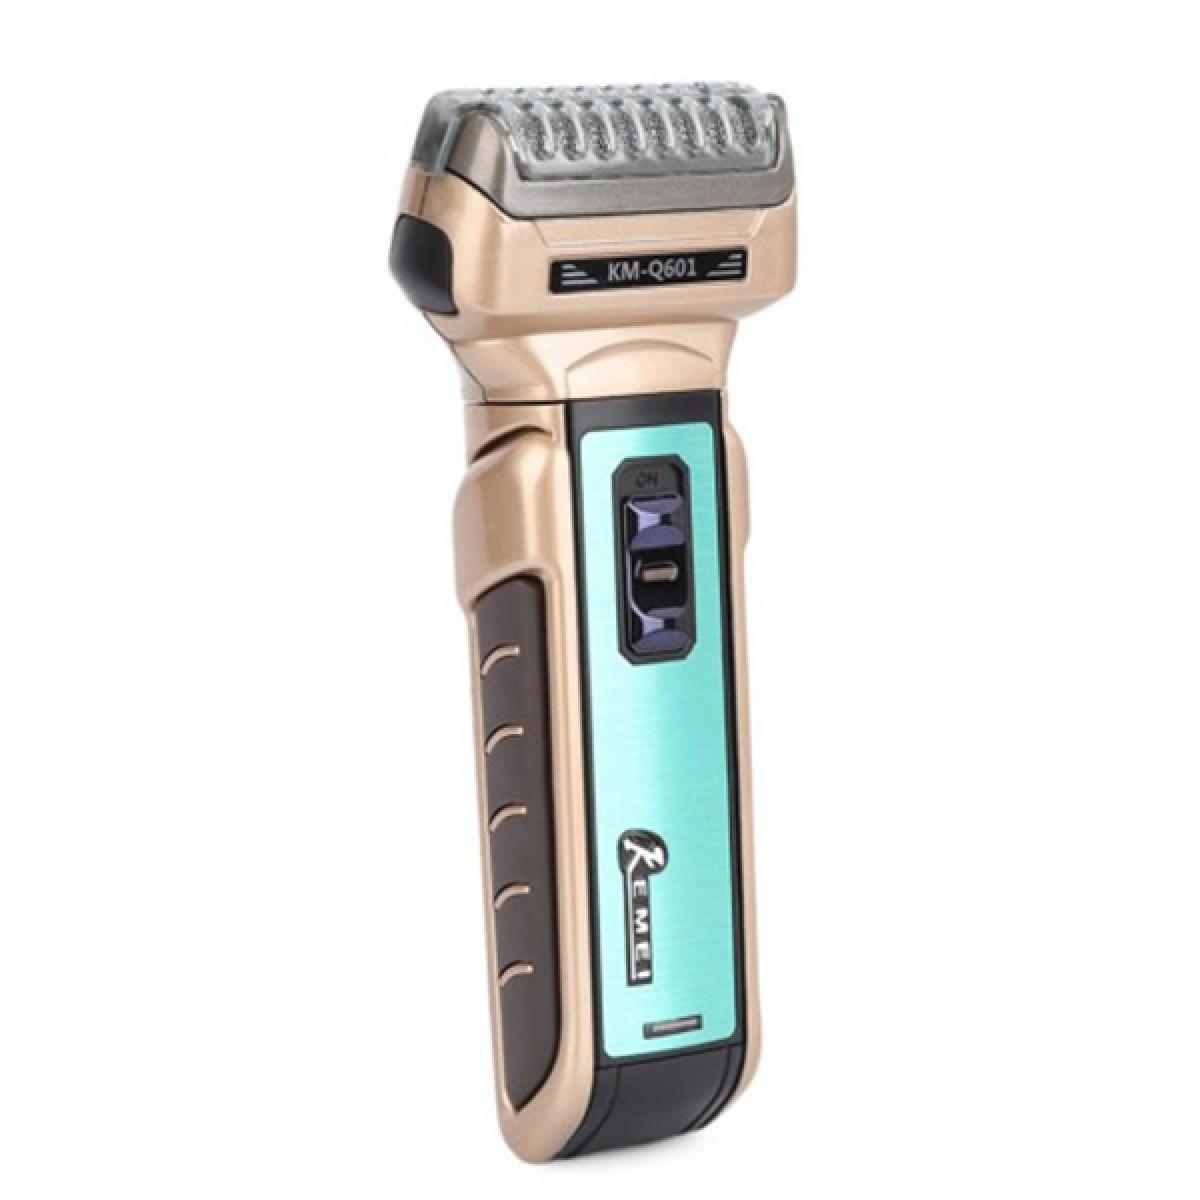 Επαναφορτιζόμενη μηχανή ξυρίσματος, τριμαρίσματος & μύτης/αυτιών 3 σε 1, Kemei KM-Q601